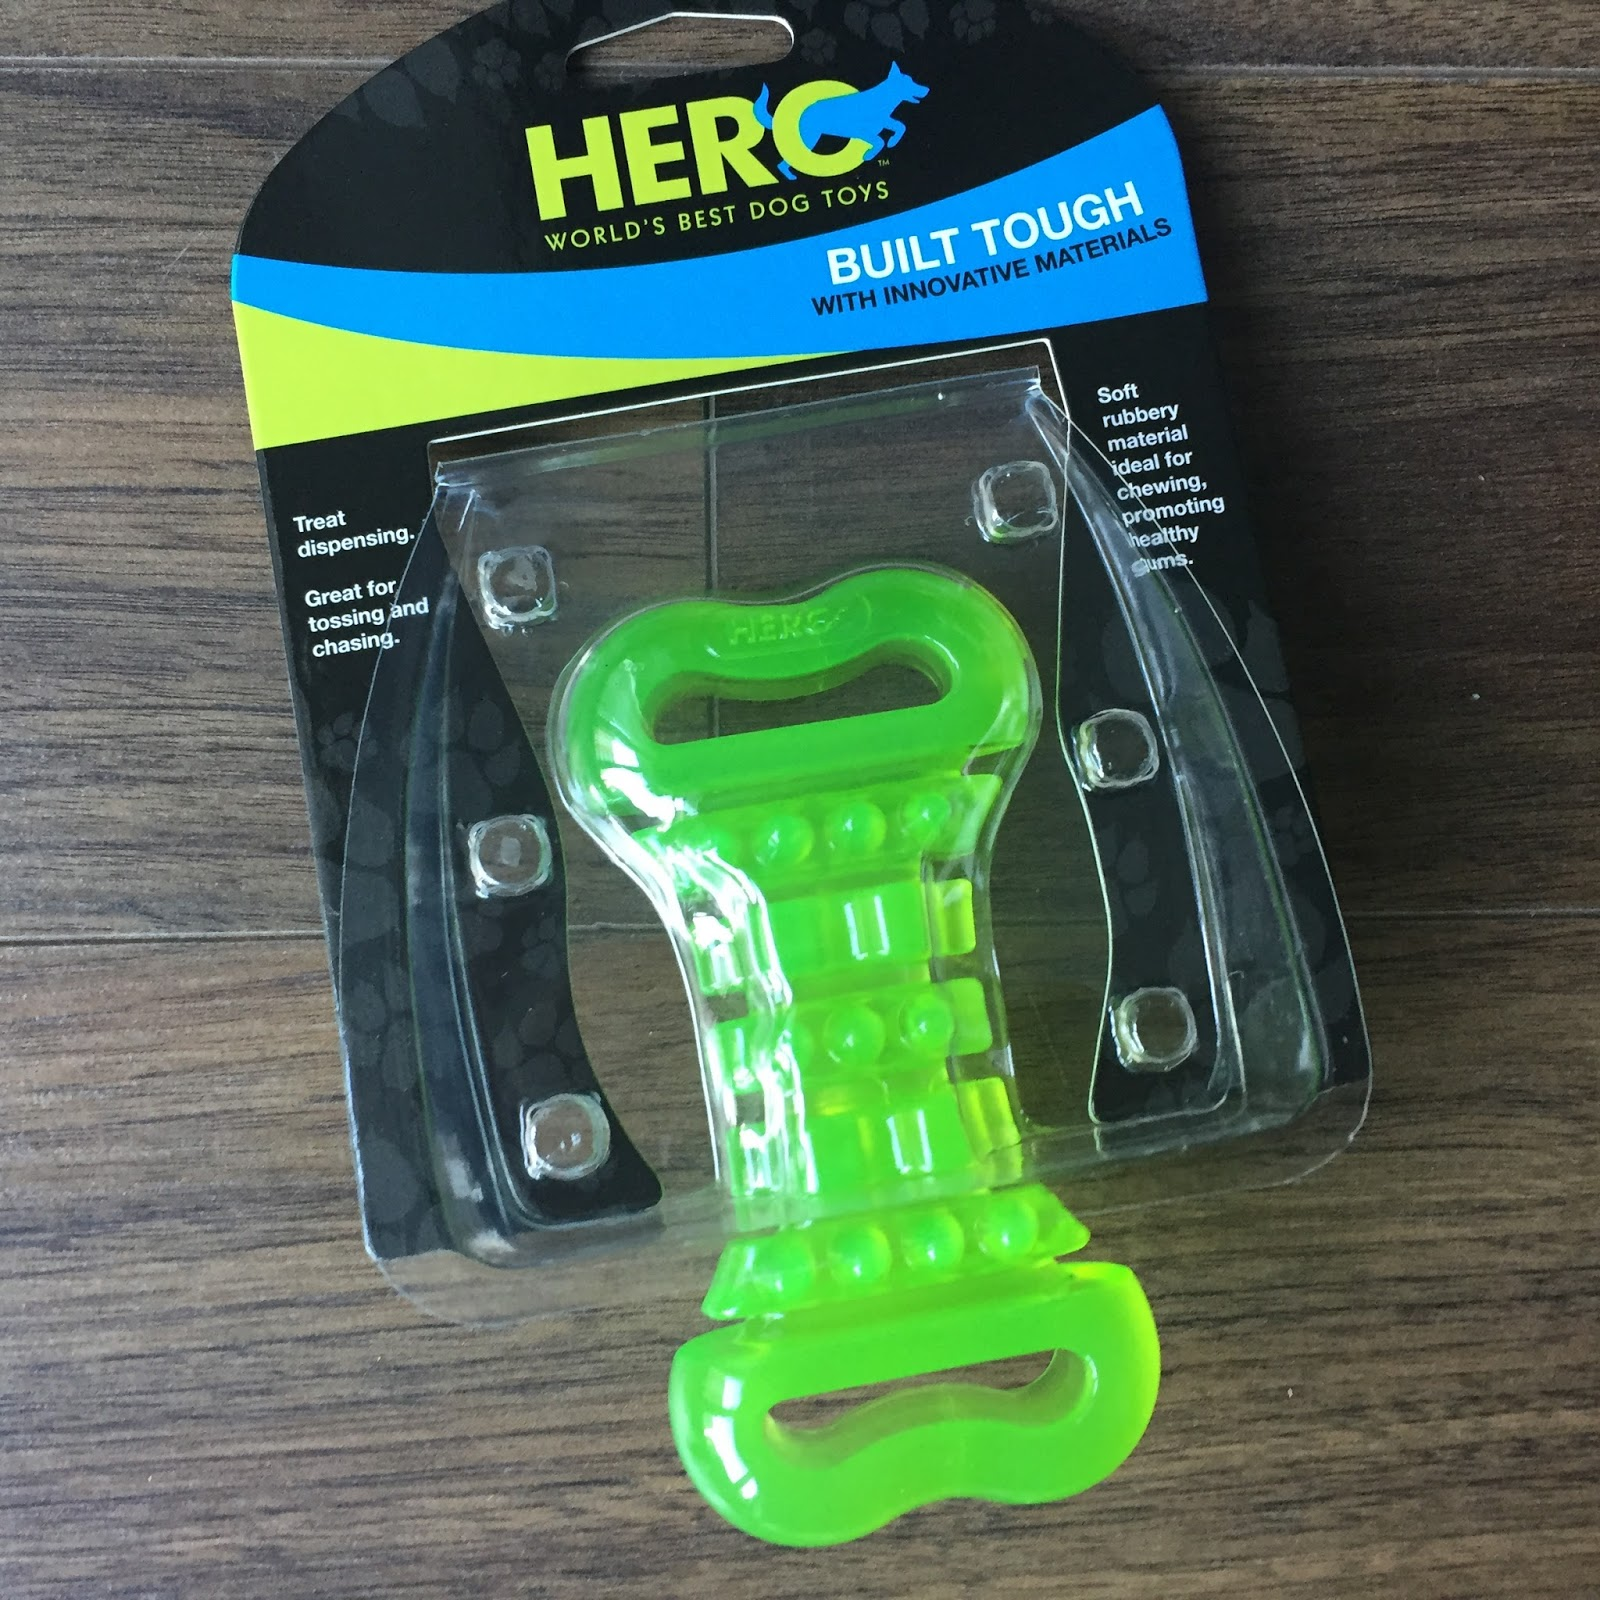 Hero Dog Treats Review